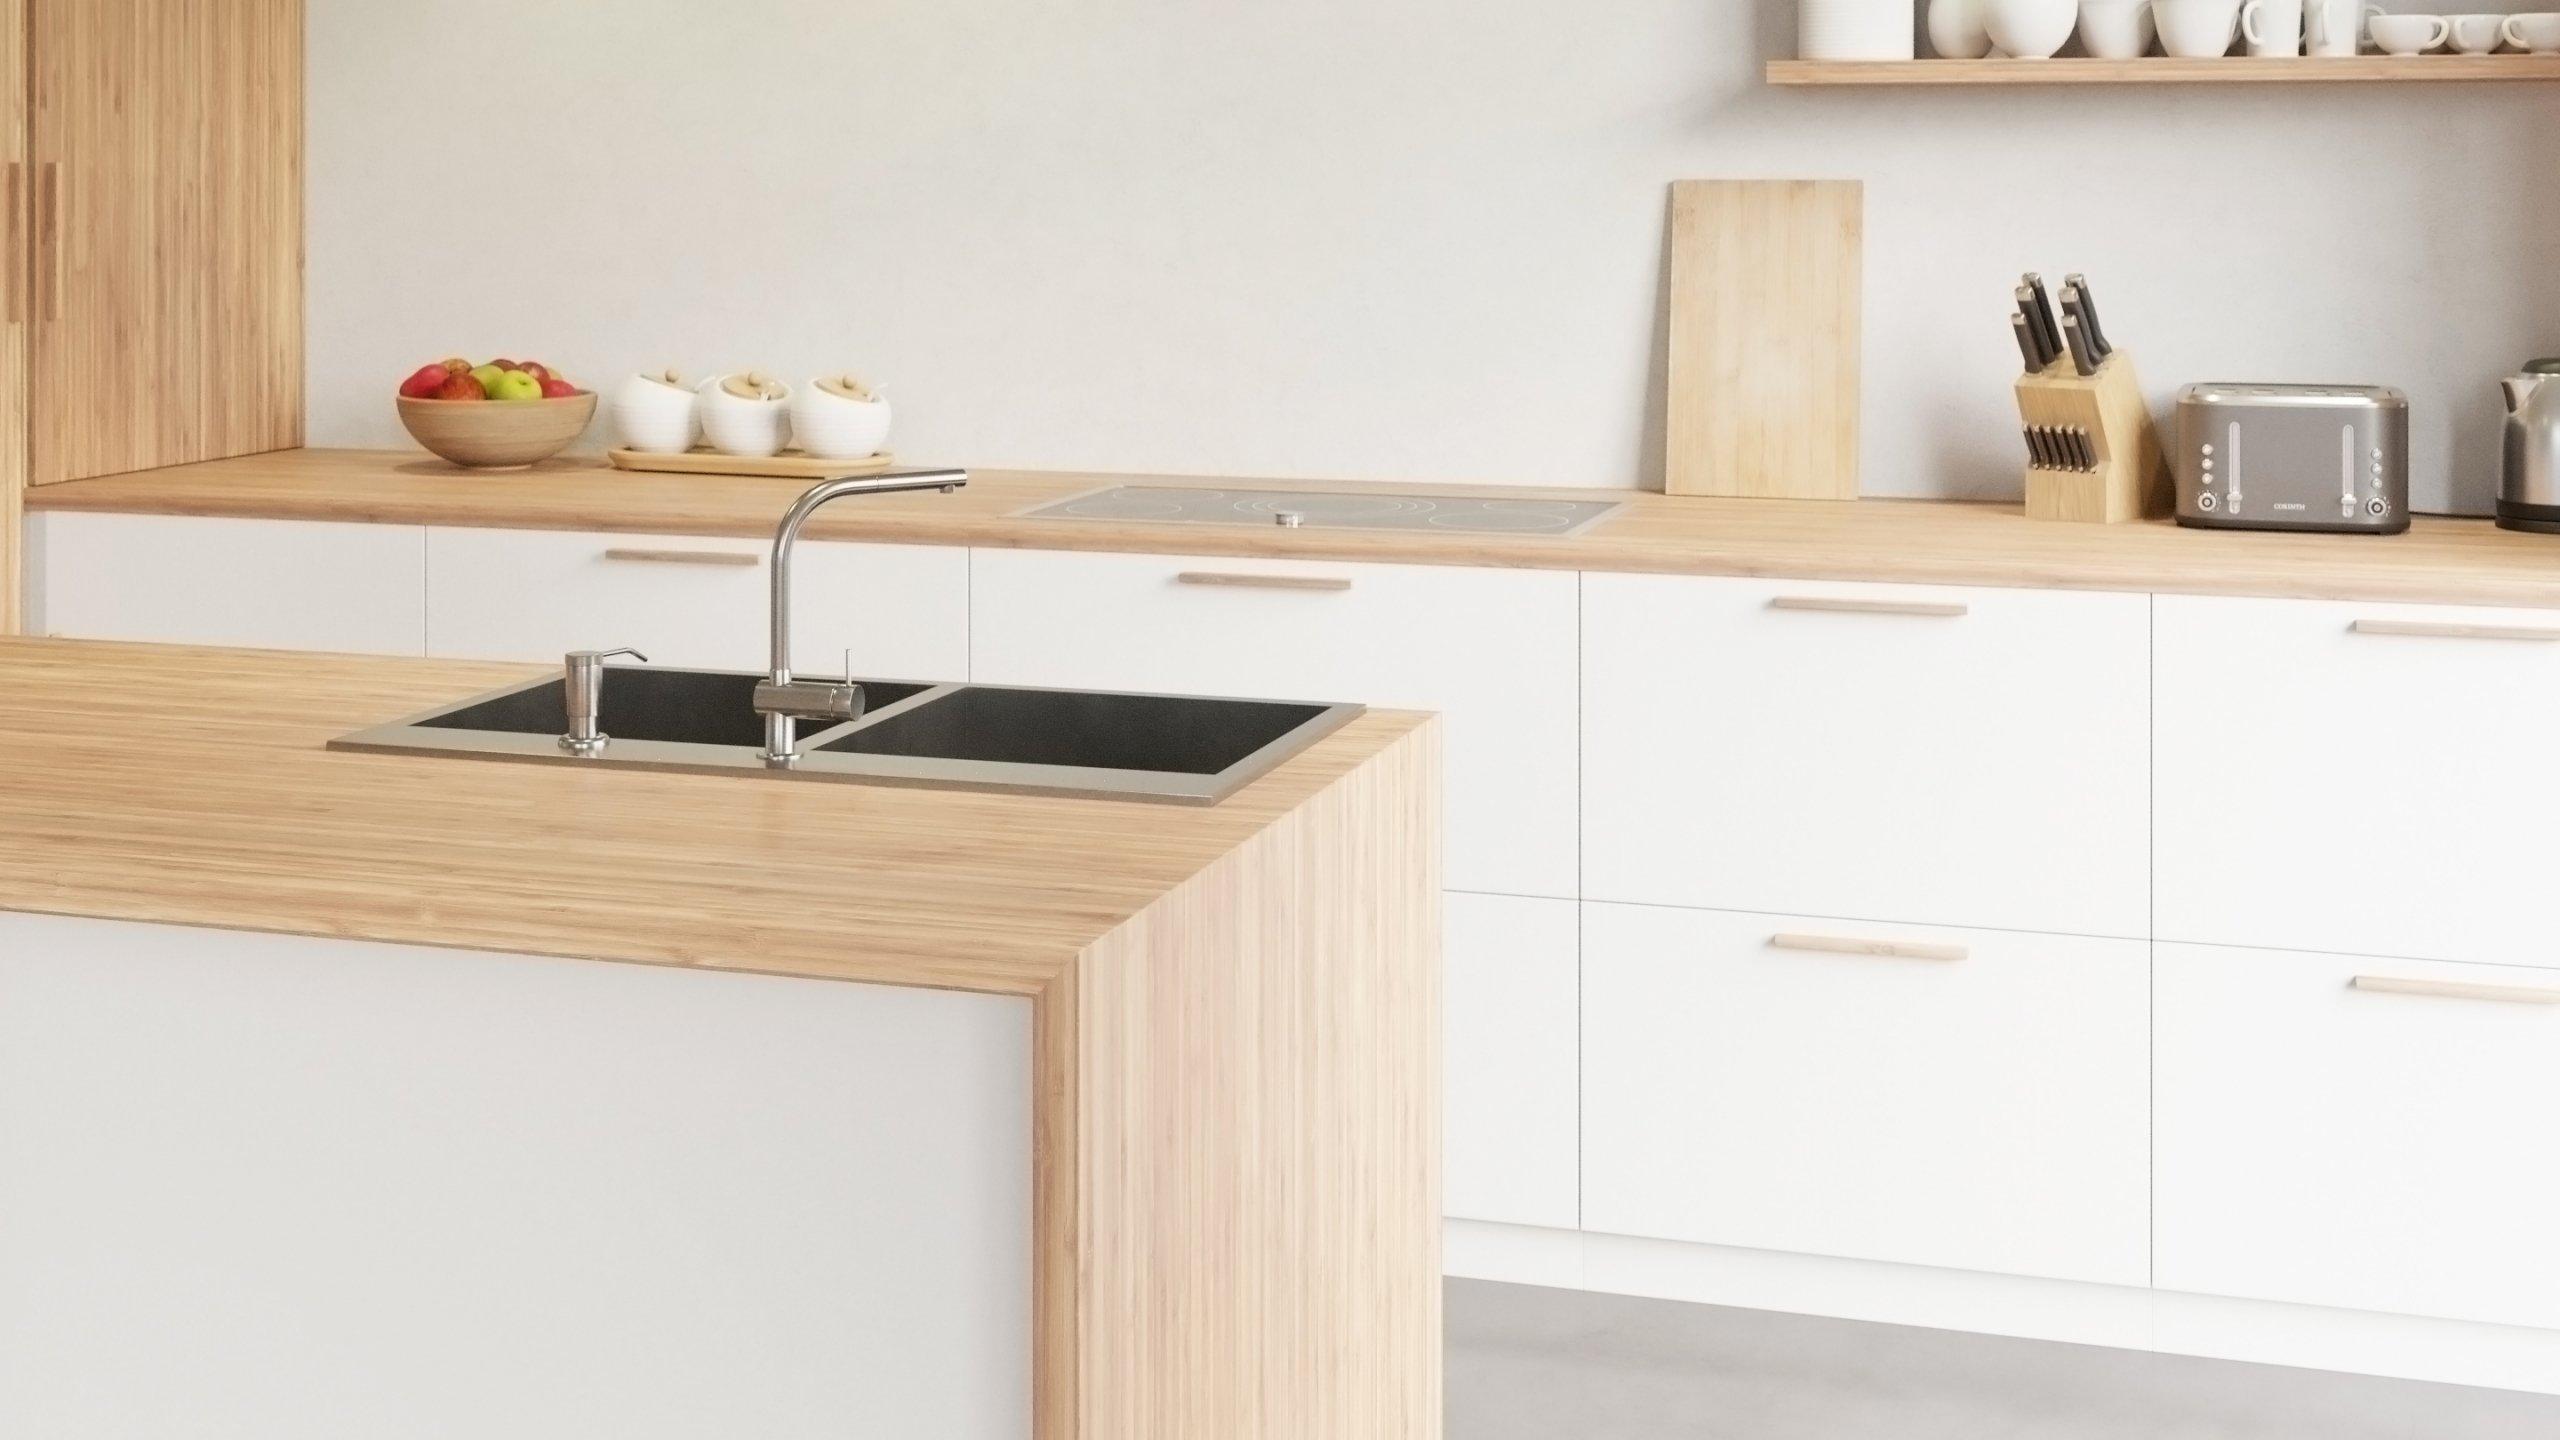 Blat bambusowy – idealne rozwiązanie do kuchni